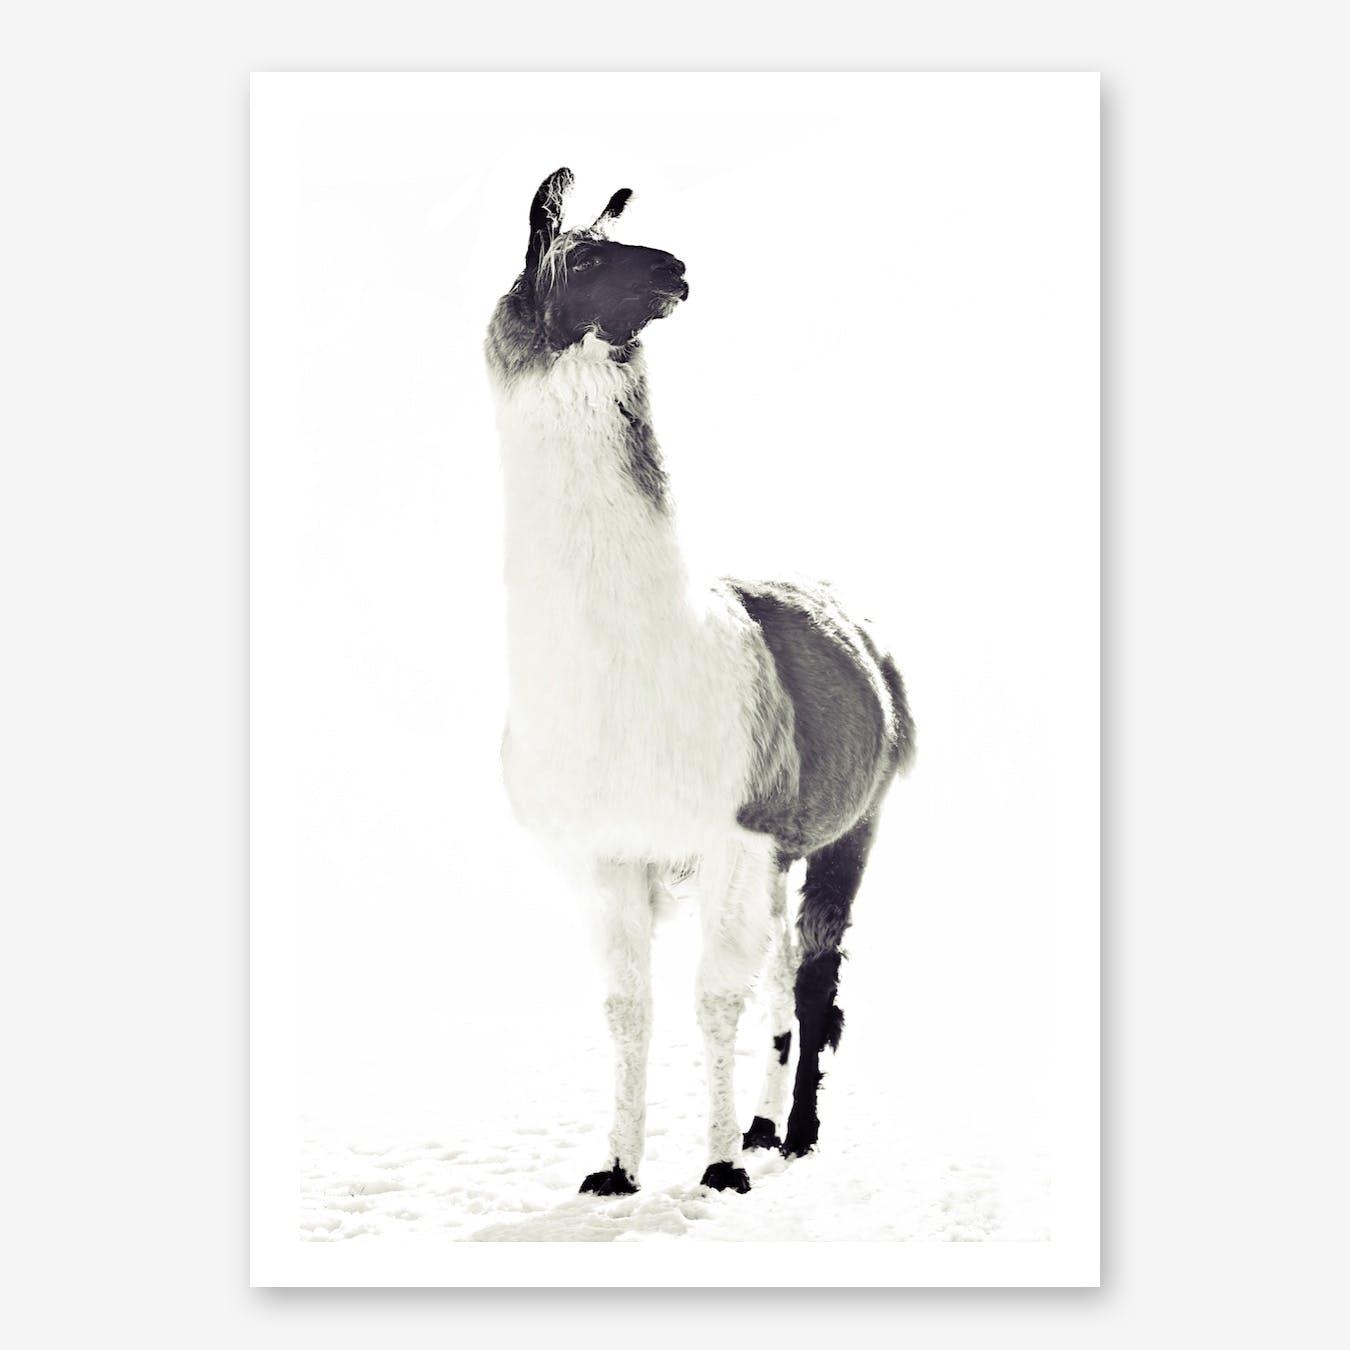 Fluffy Llama in Print